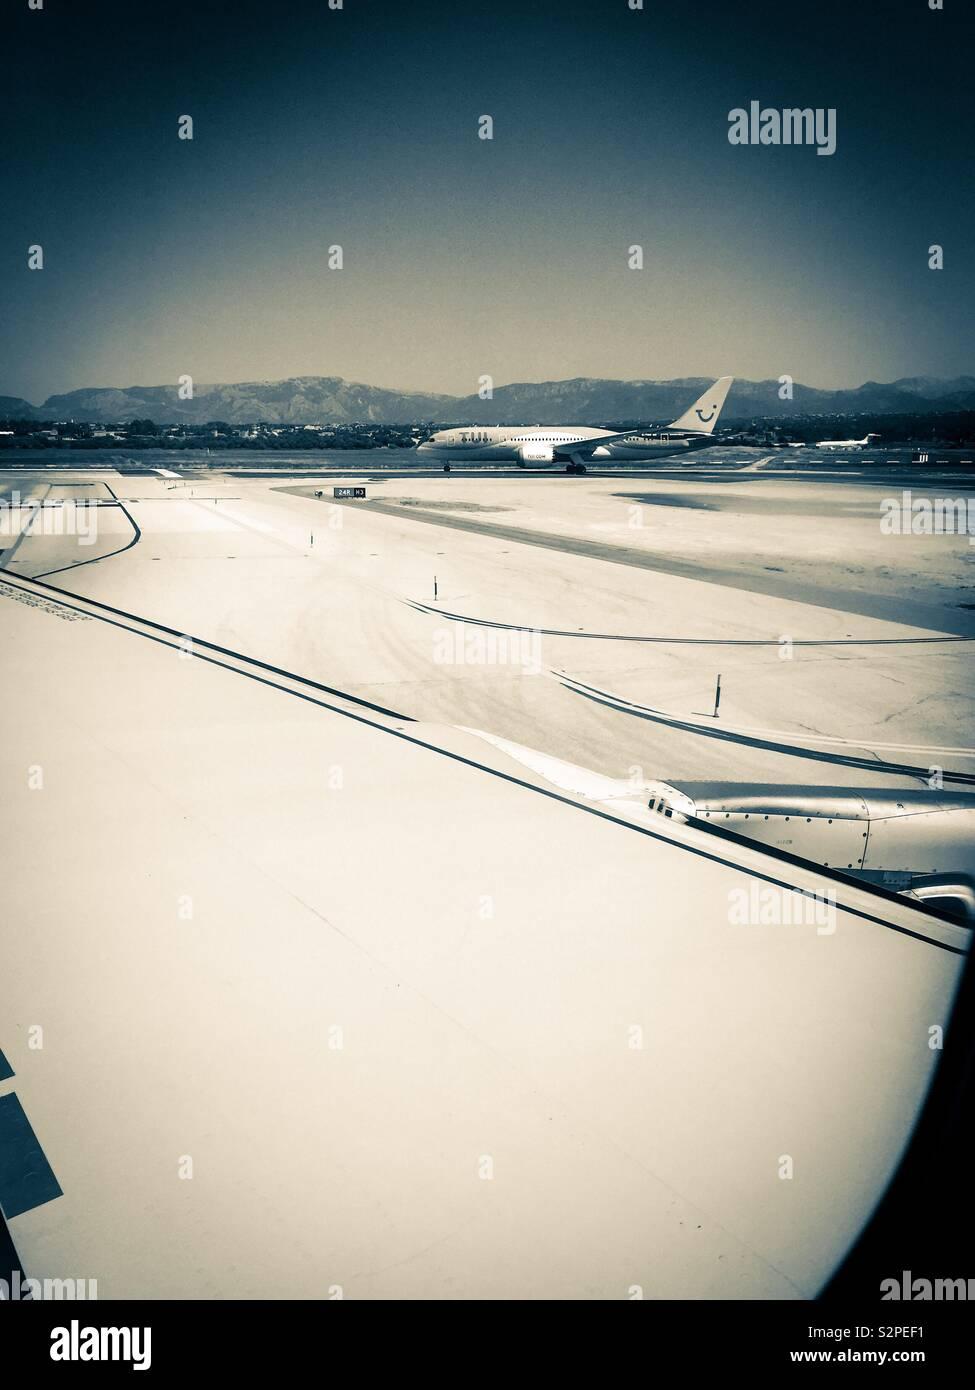 Palma de Mallorca airport - Stock Image